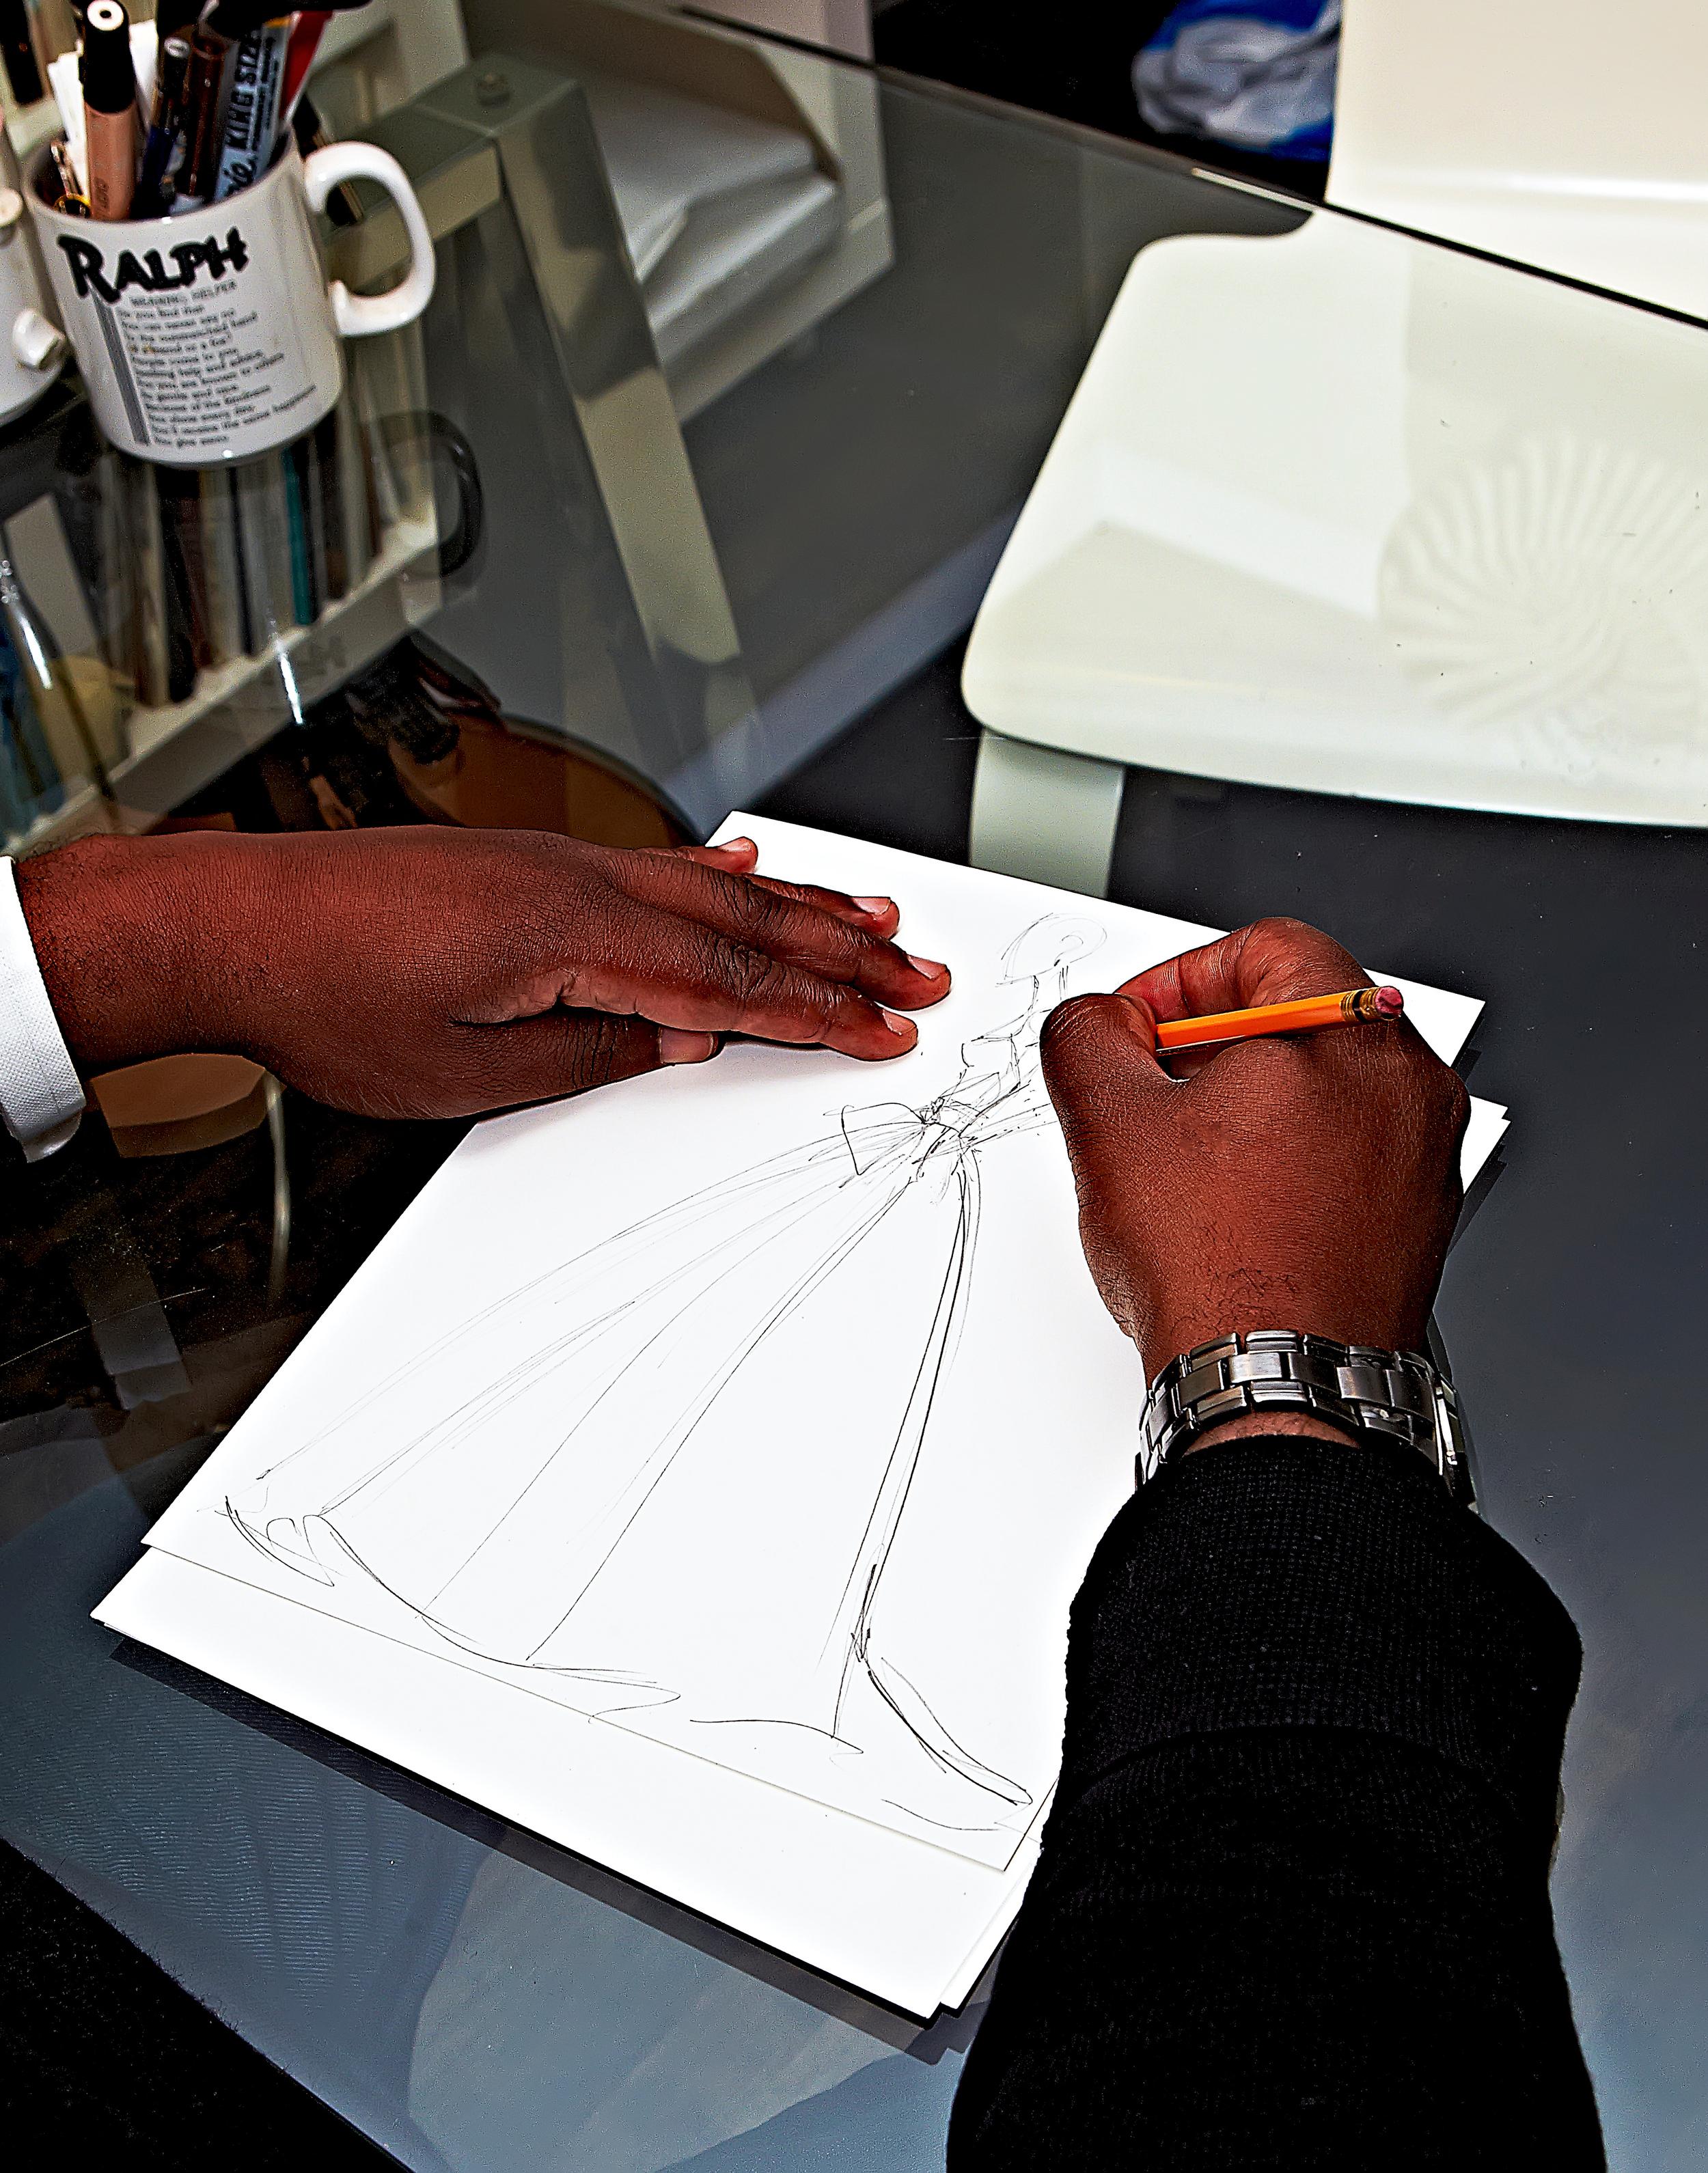 Jean-Ralph Thurin sketching wedding dress